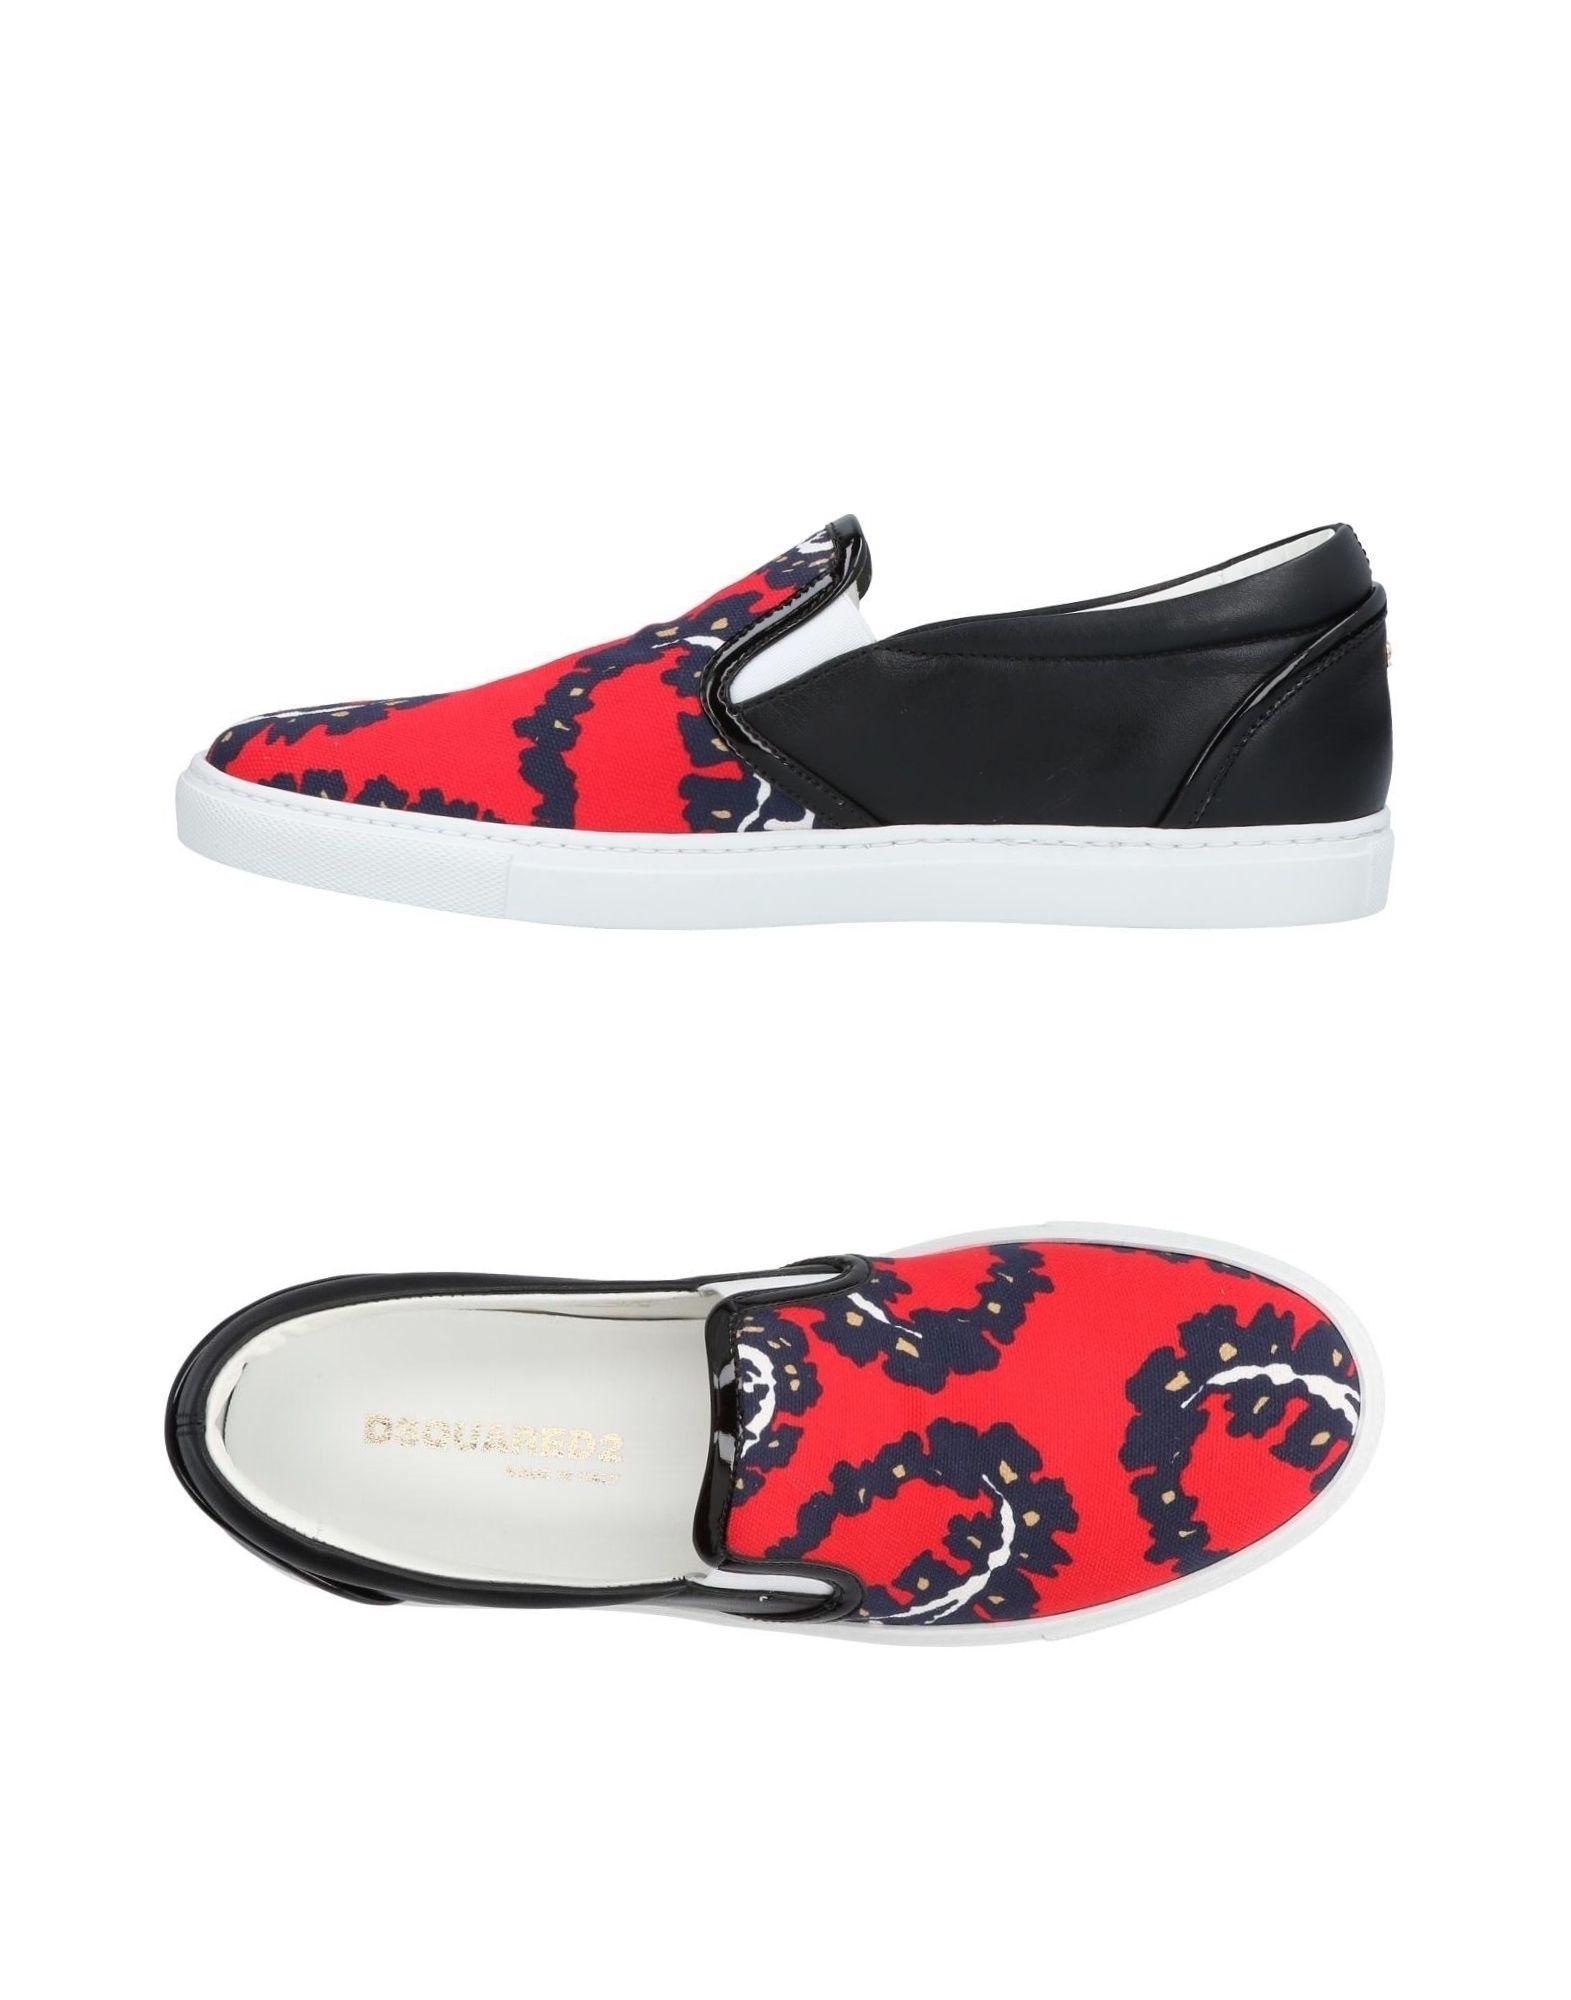 Scarpe economiche e resistenti Sneakers Dsquared2 Donna - 11422242BK